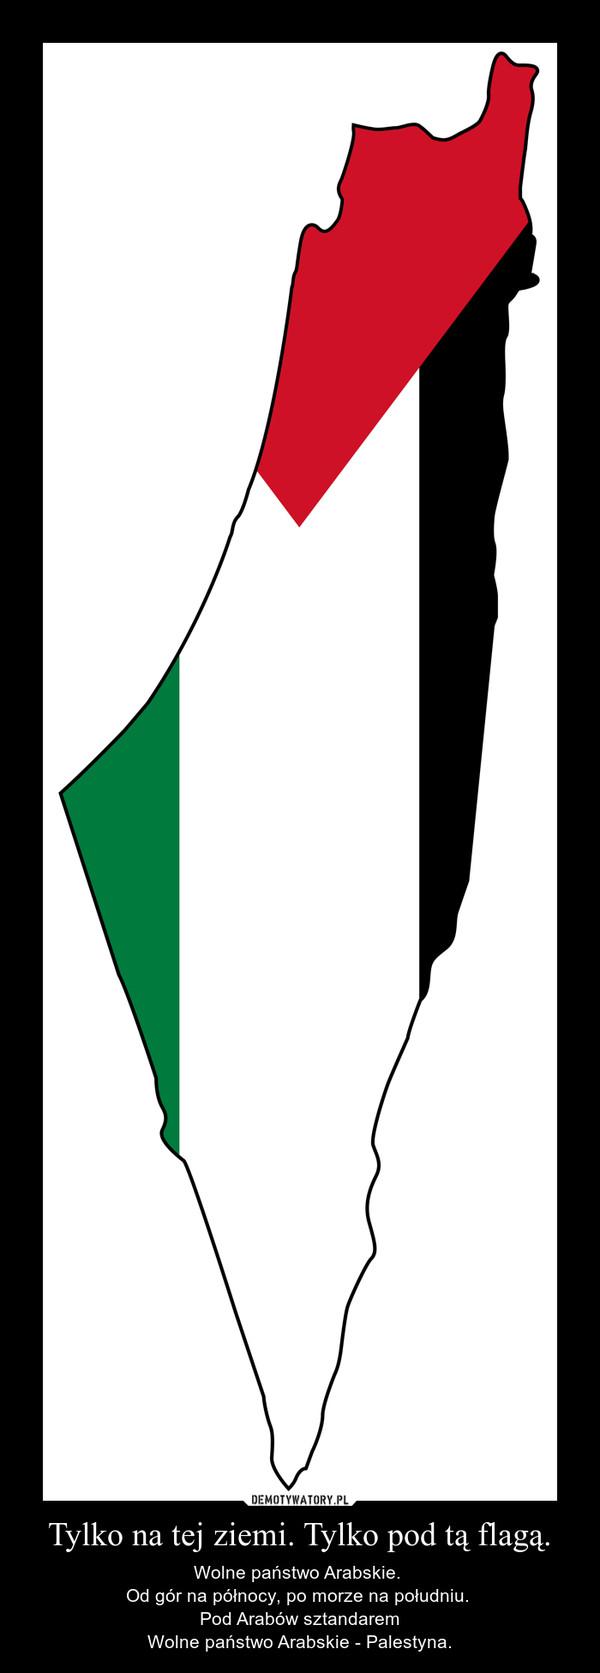 Tylko na tej ziemi. Tylko pod tą flagą. – Wolne państwo Arabskie. Od gór na północy, po morze na południu. Pod Arabów sztandaremWolne państwo Arabskie - Palestyna.